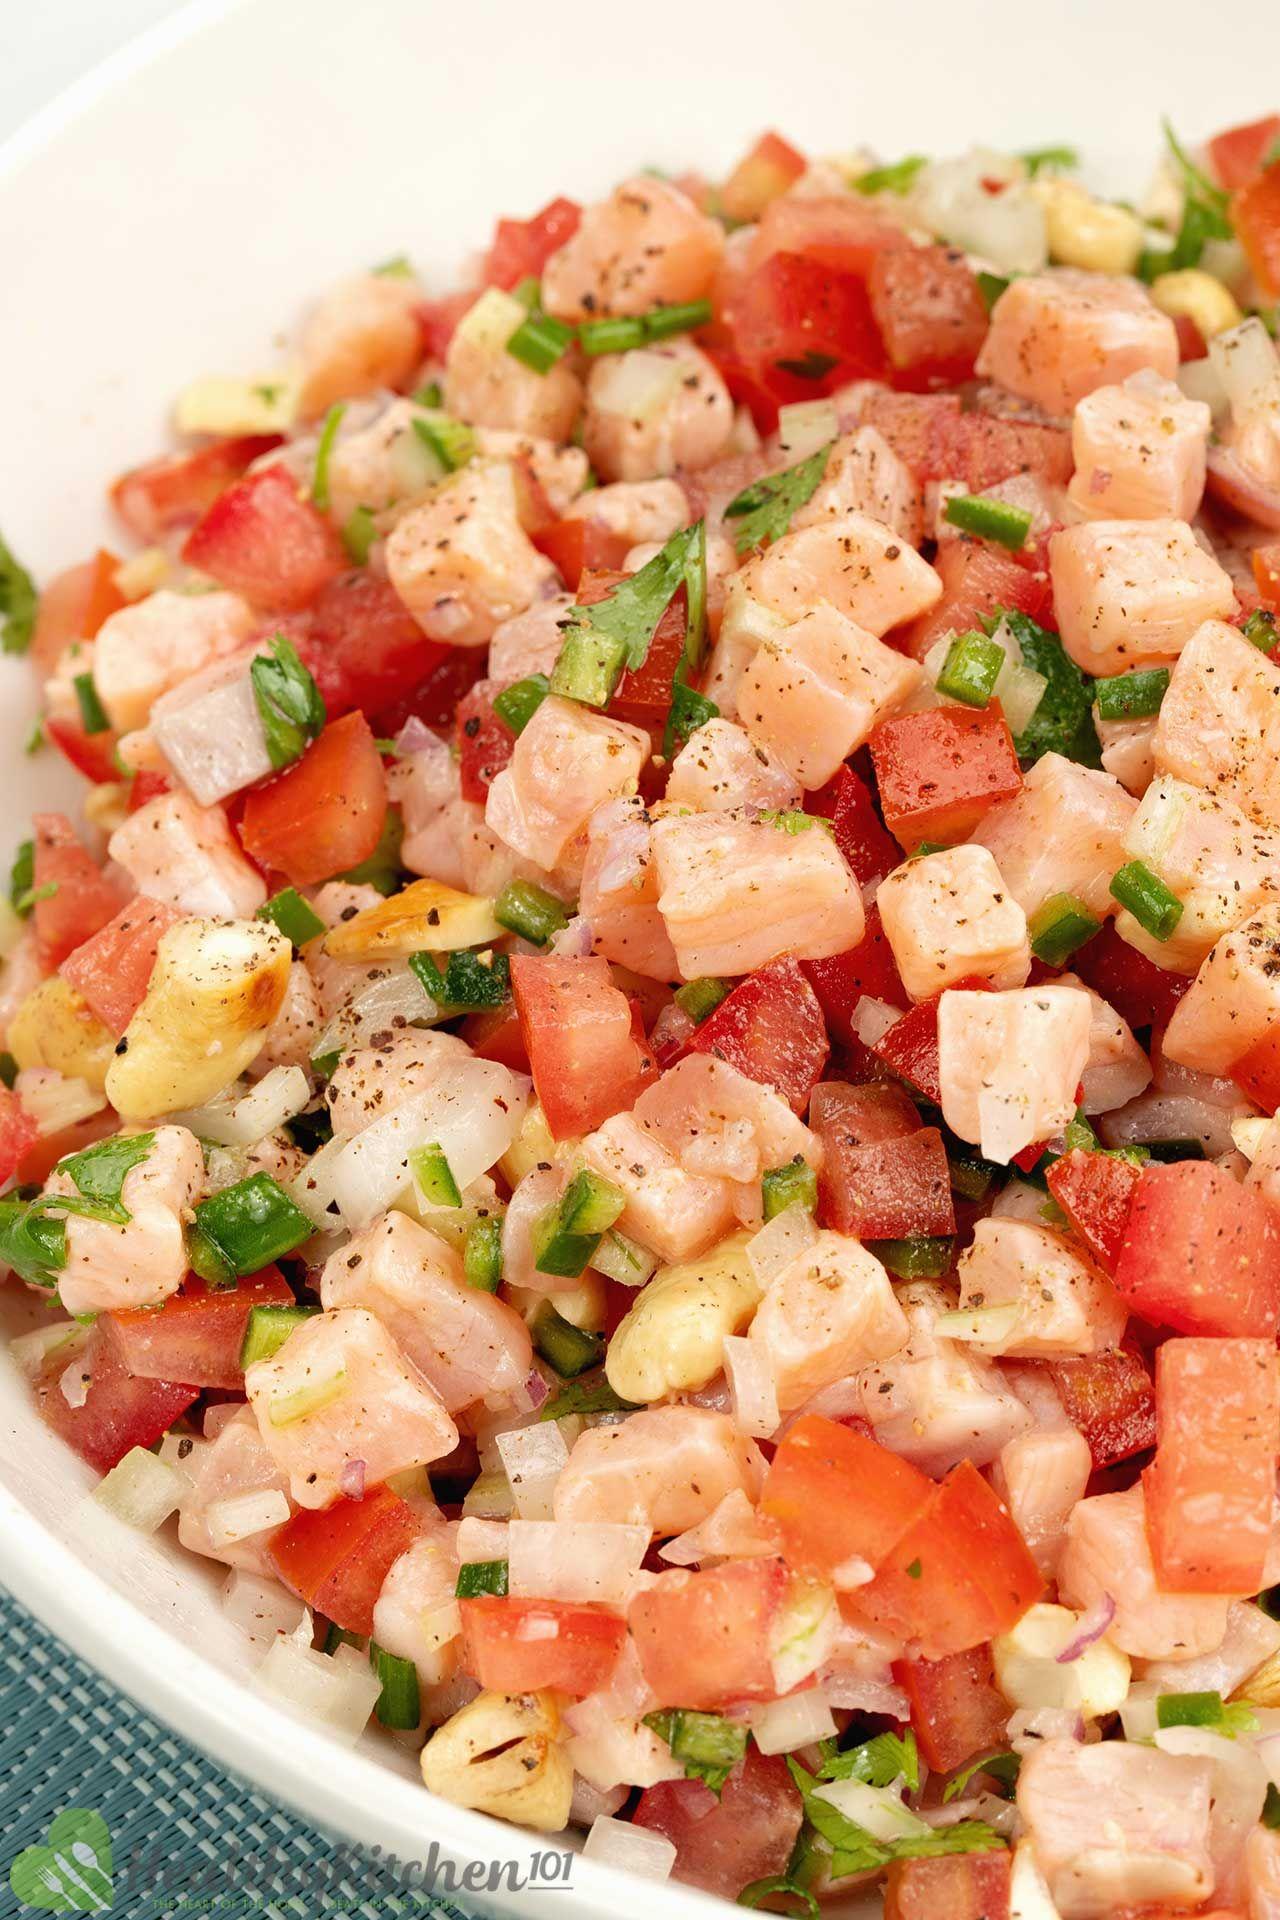 Homemade Lomi Lomi Salmon Recipe